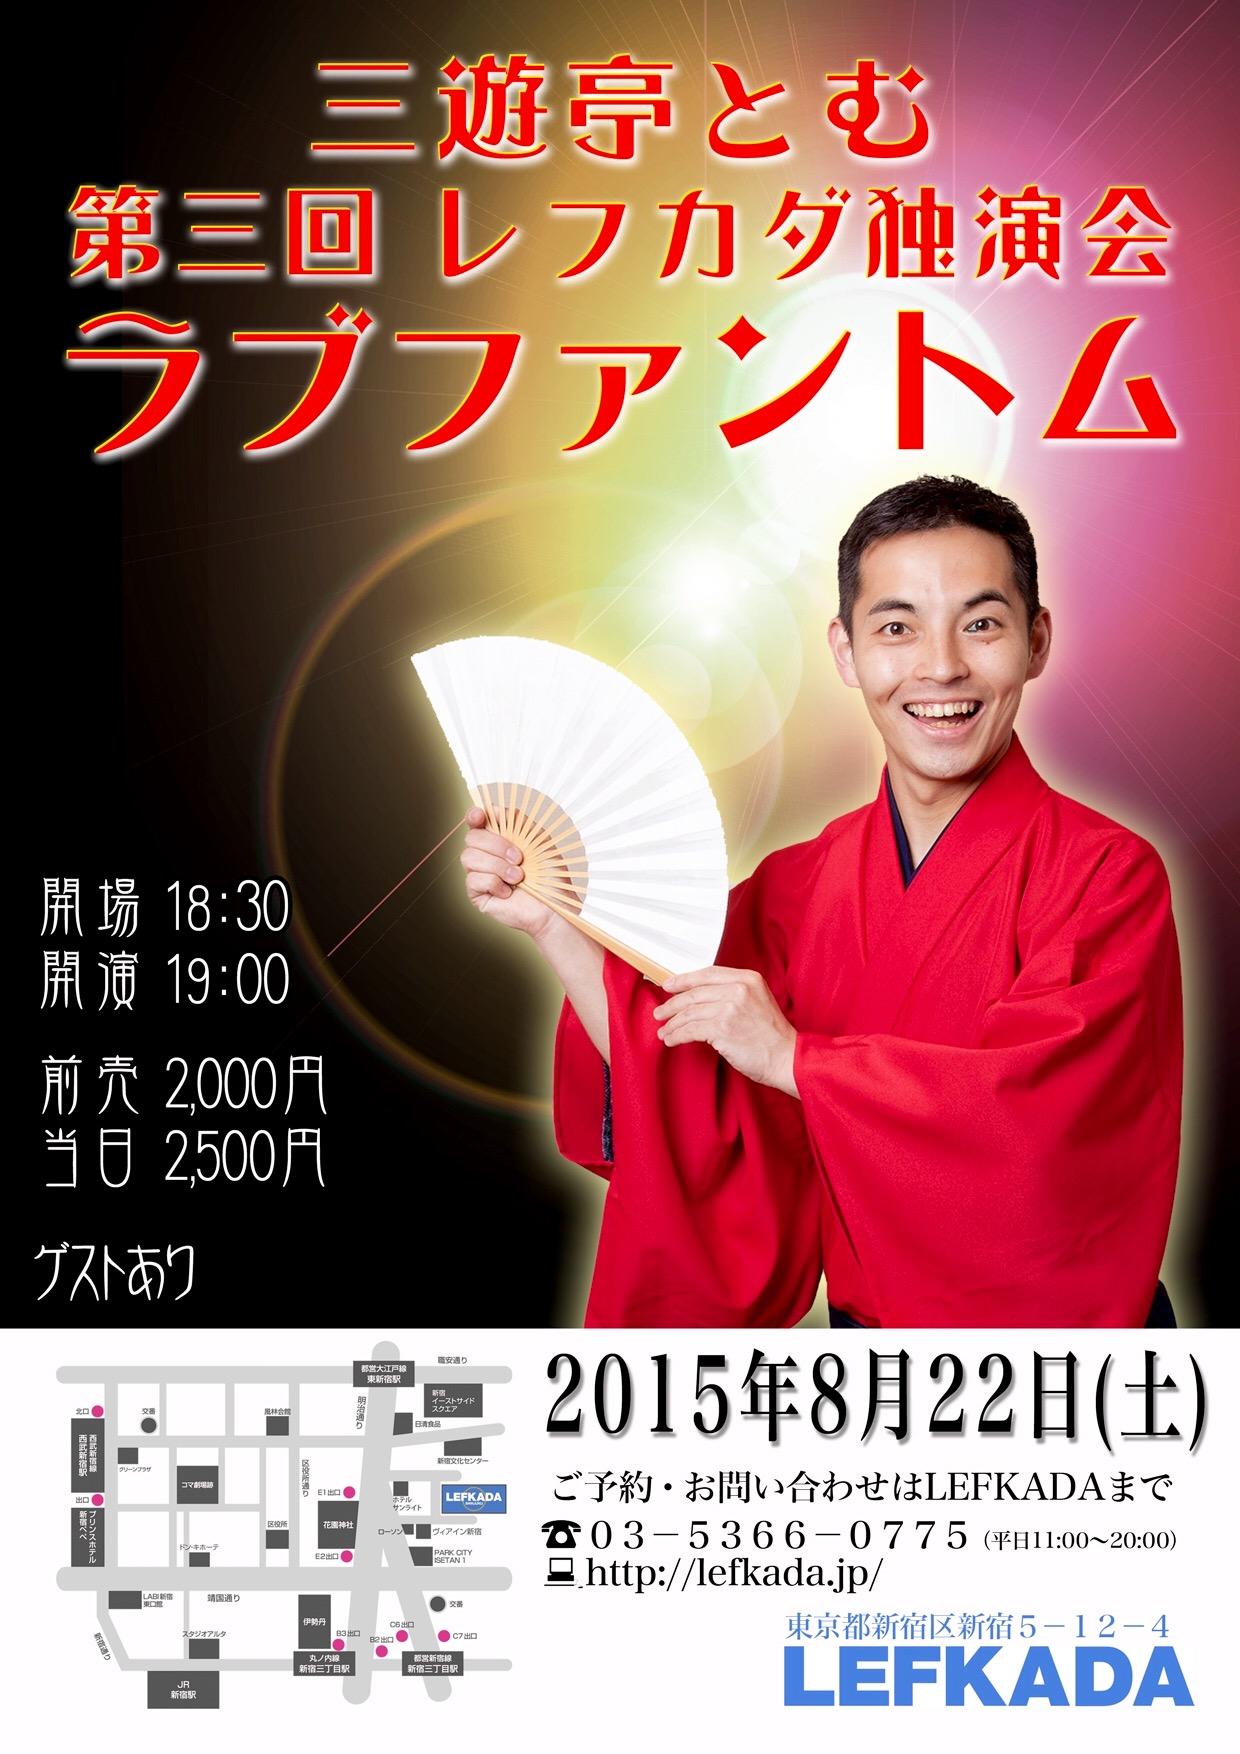 三遊亭とむ 第三回独演会『ラブファントム』